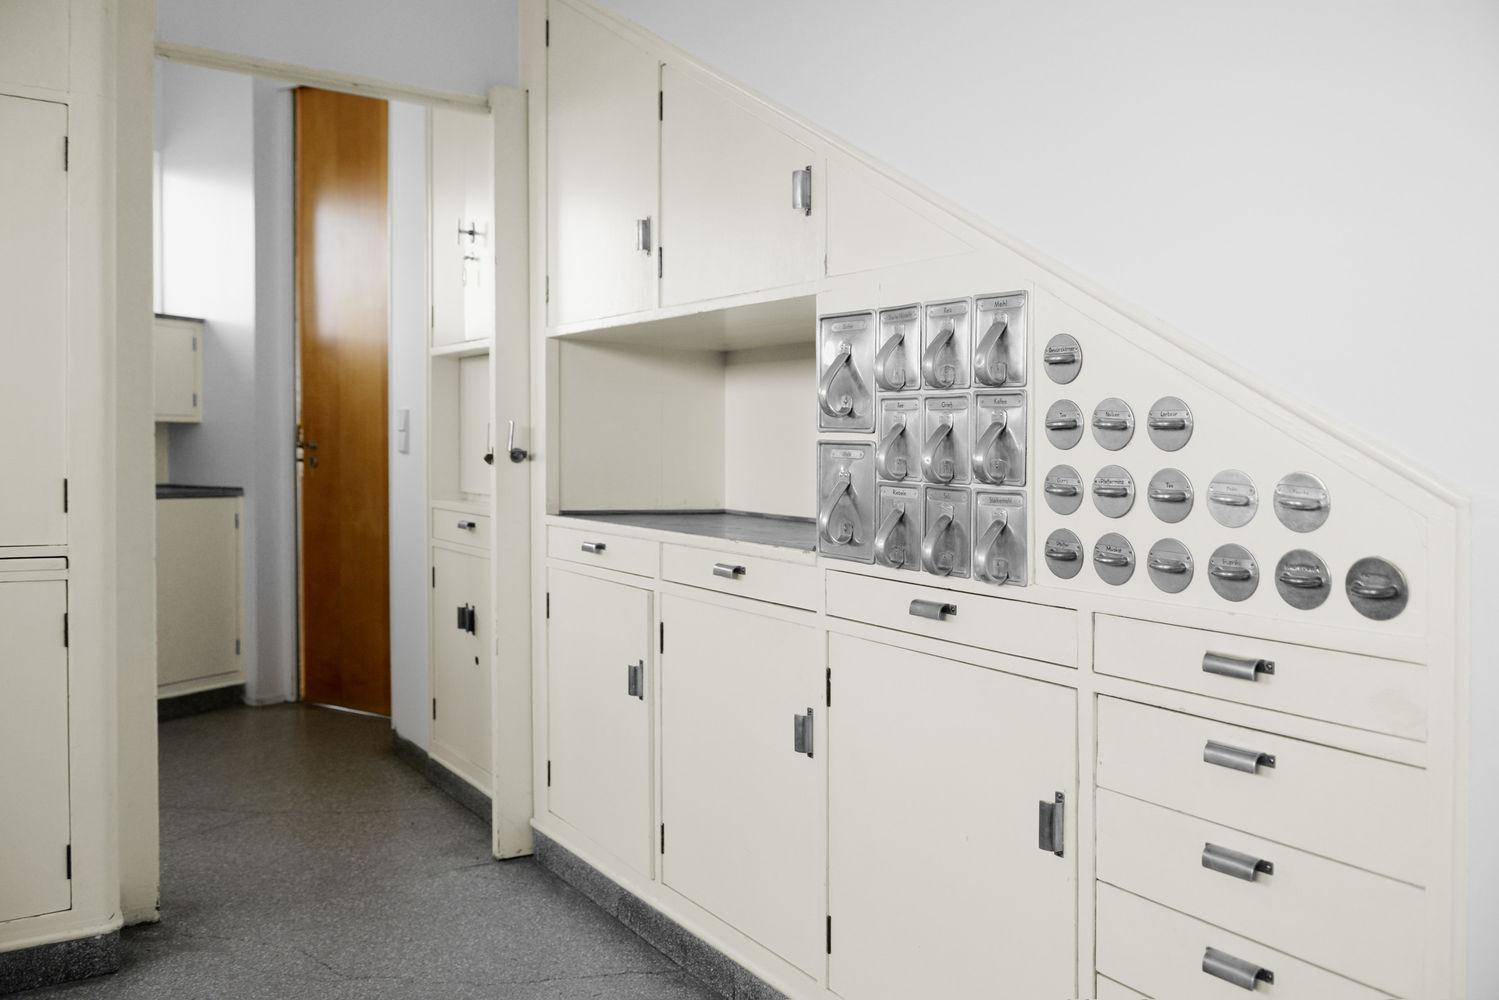 k chen torso von der reduzierung der schritte moira zoitl. Black Bedroom Furniture Sets. Home Design Ideas